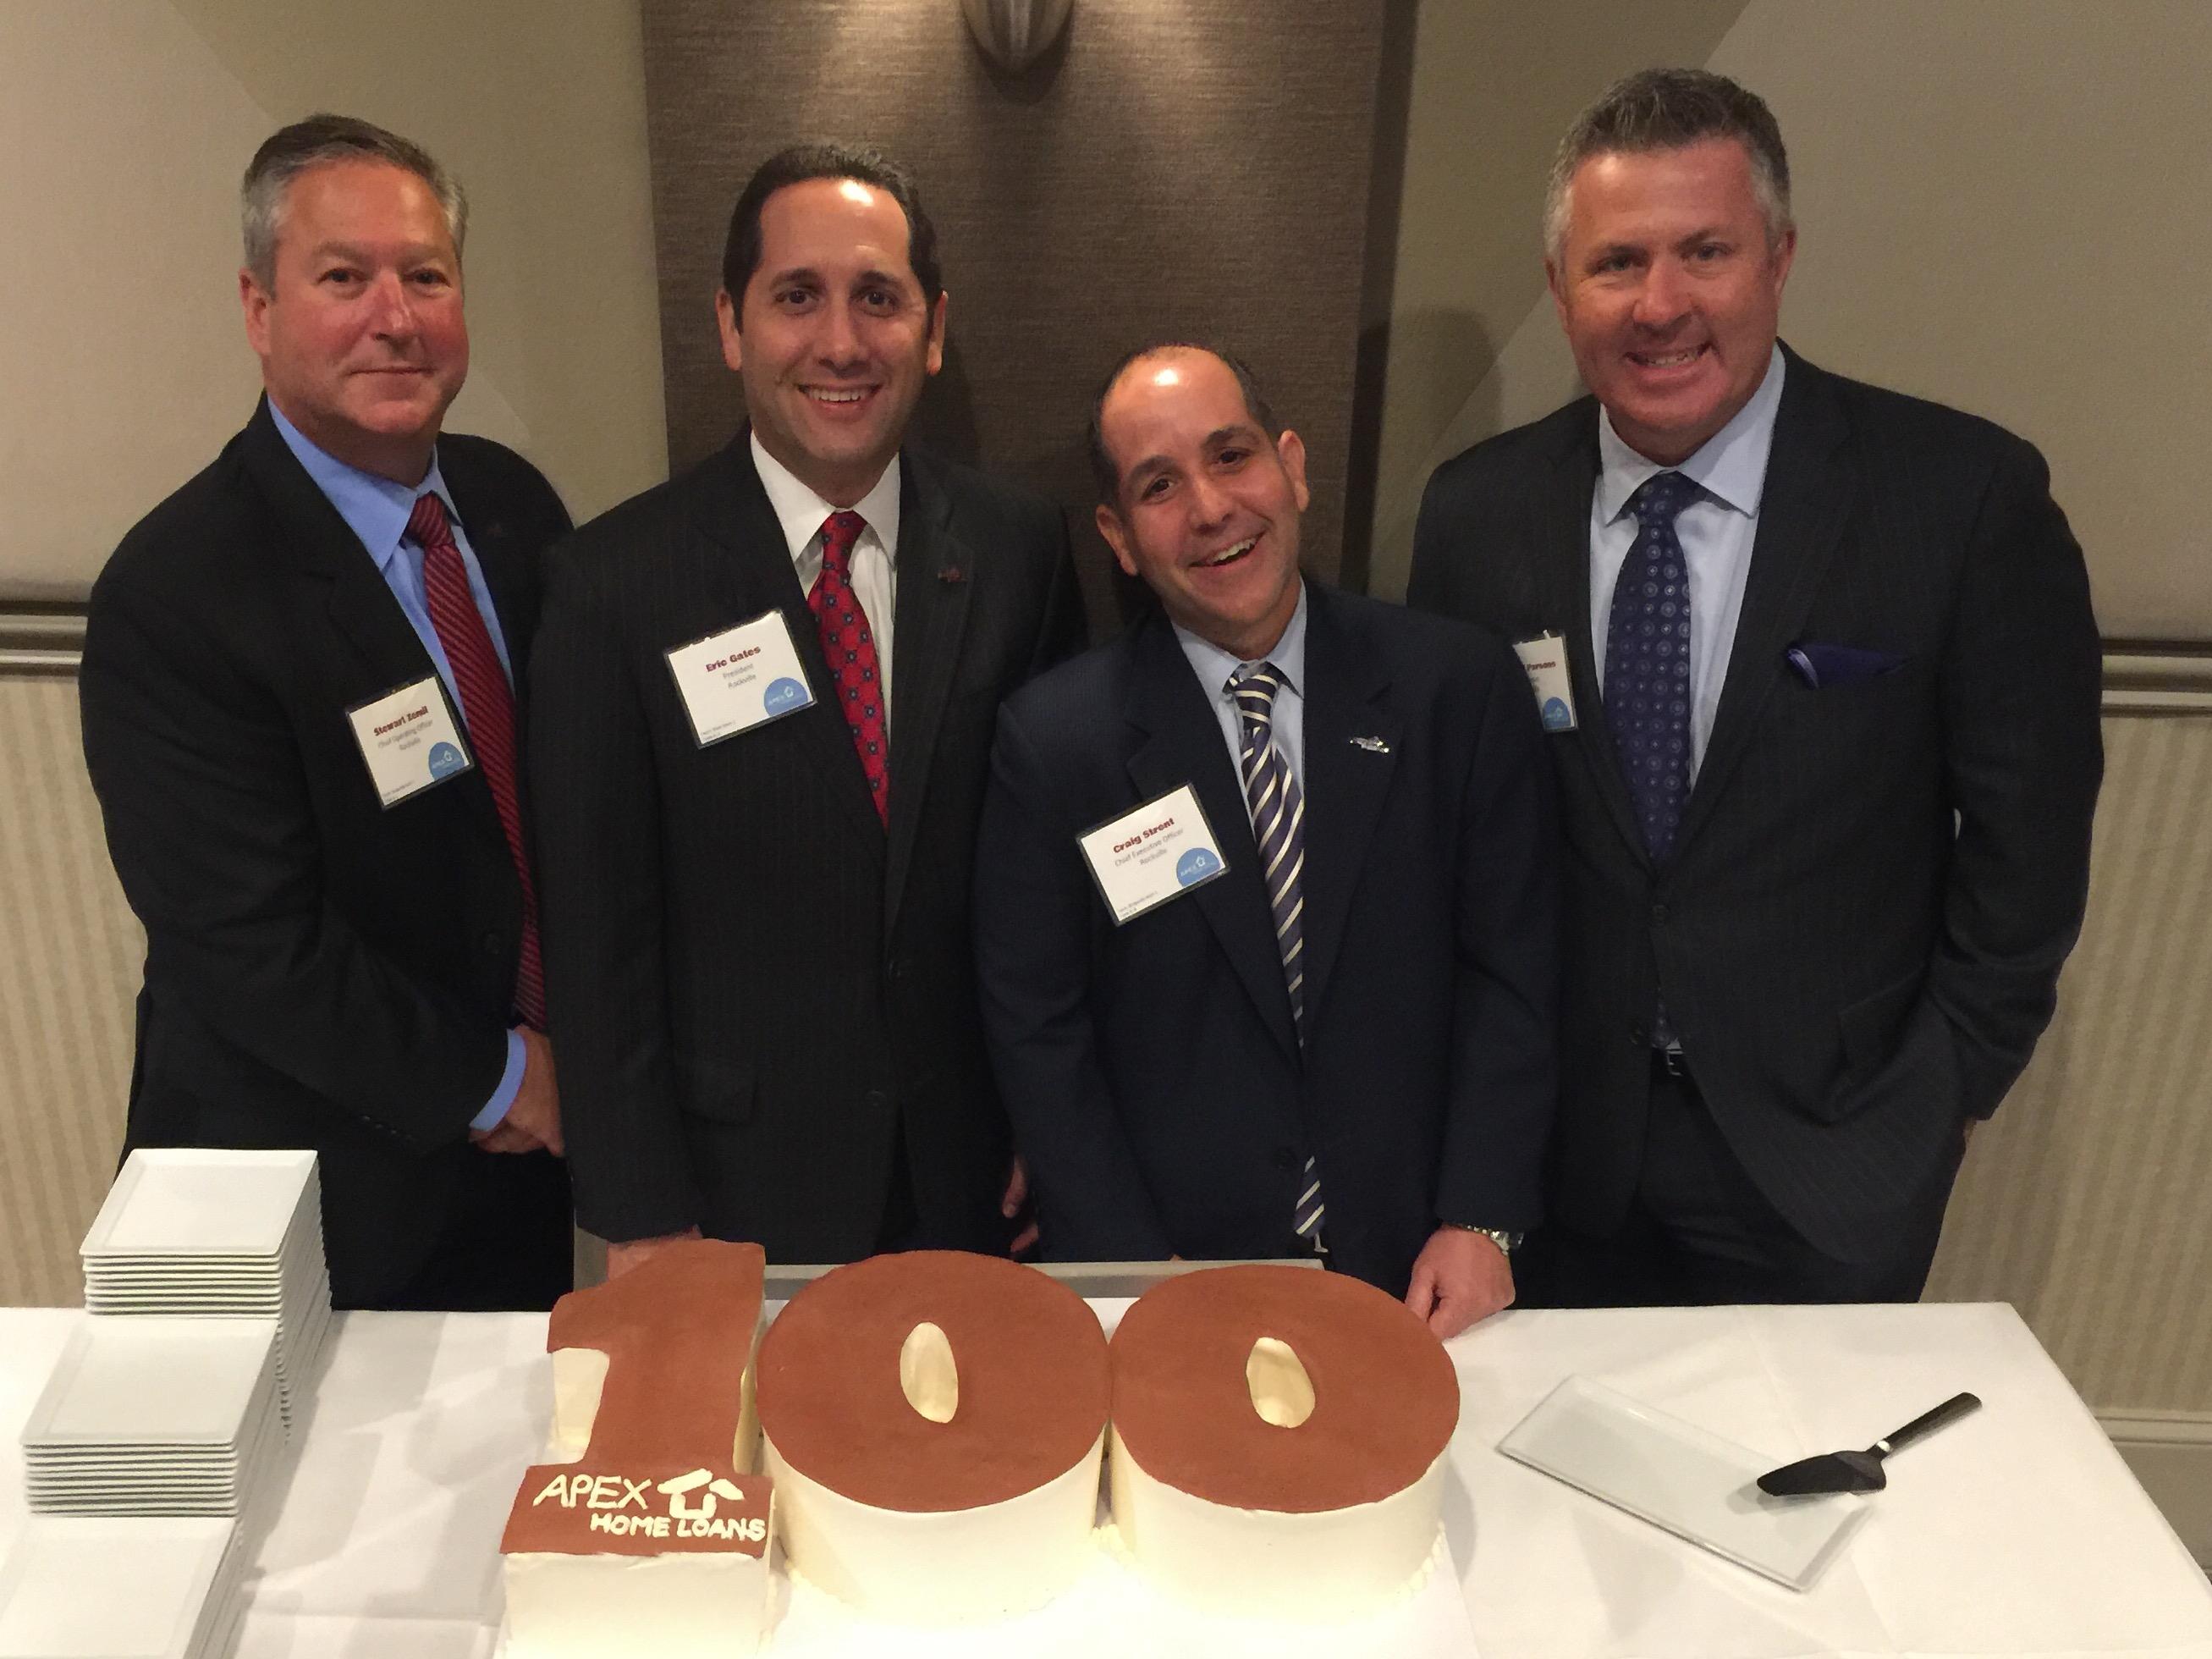 Apex Breaks 100 Employee Mark